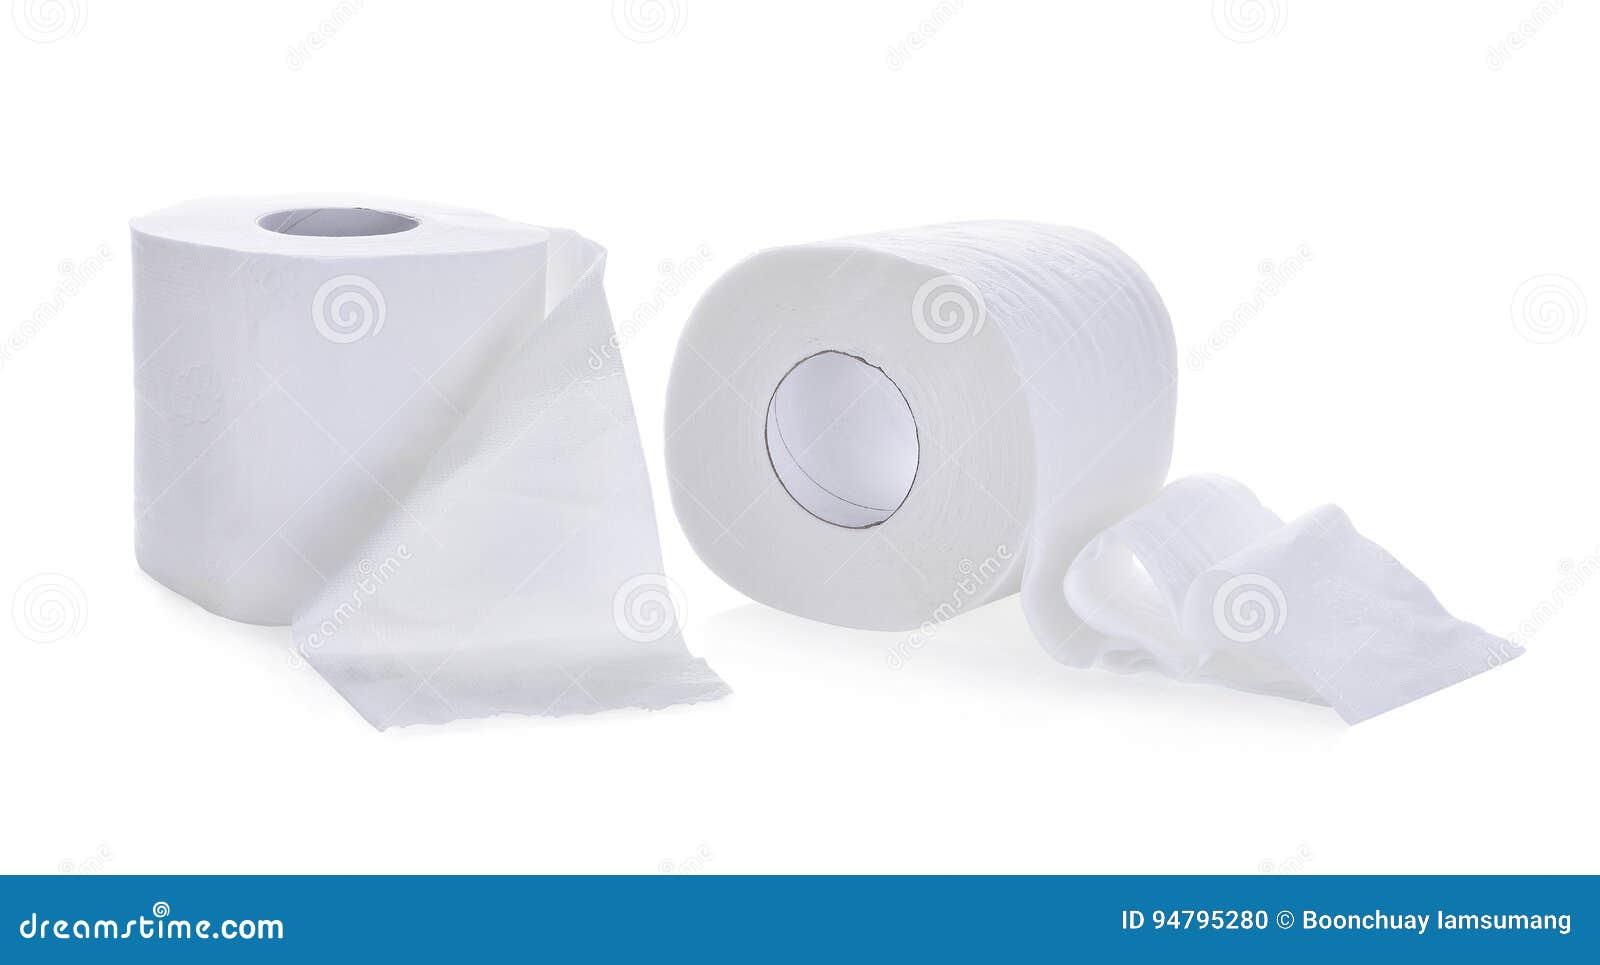 Papel higiênico, rolo do lenço de papel isolado no branco